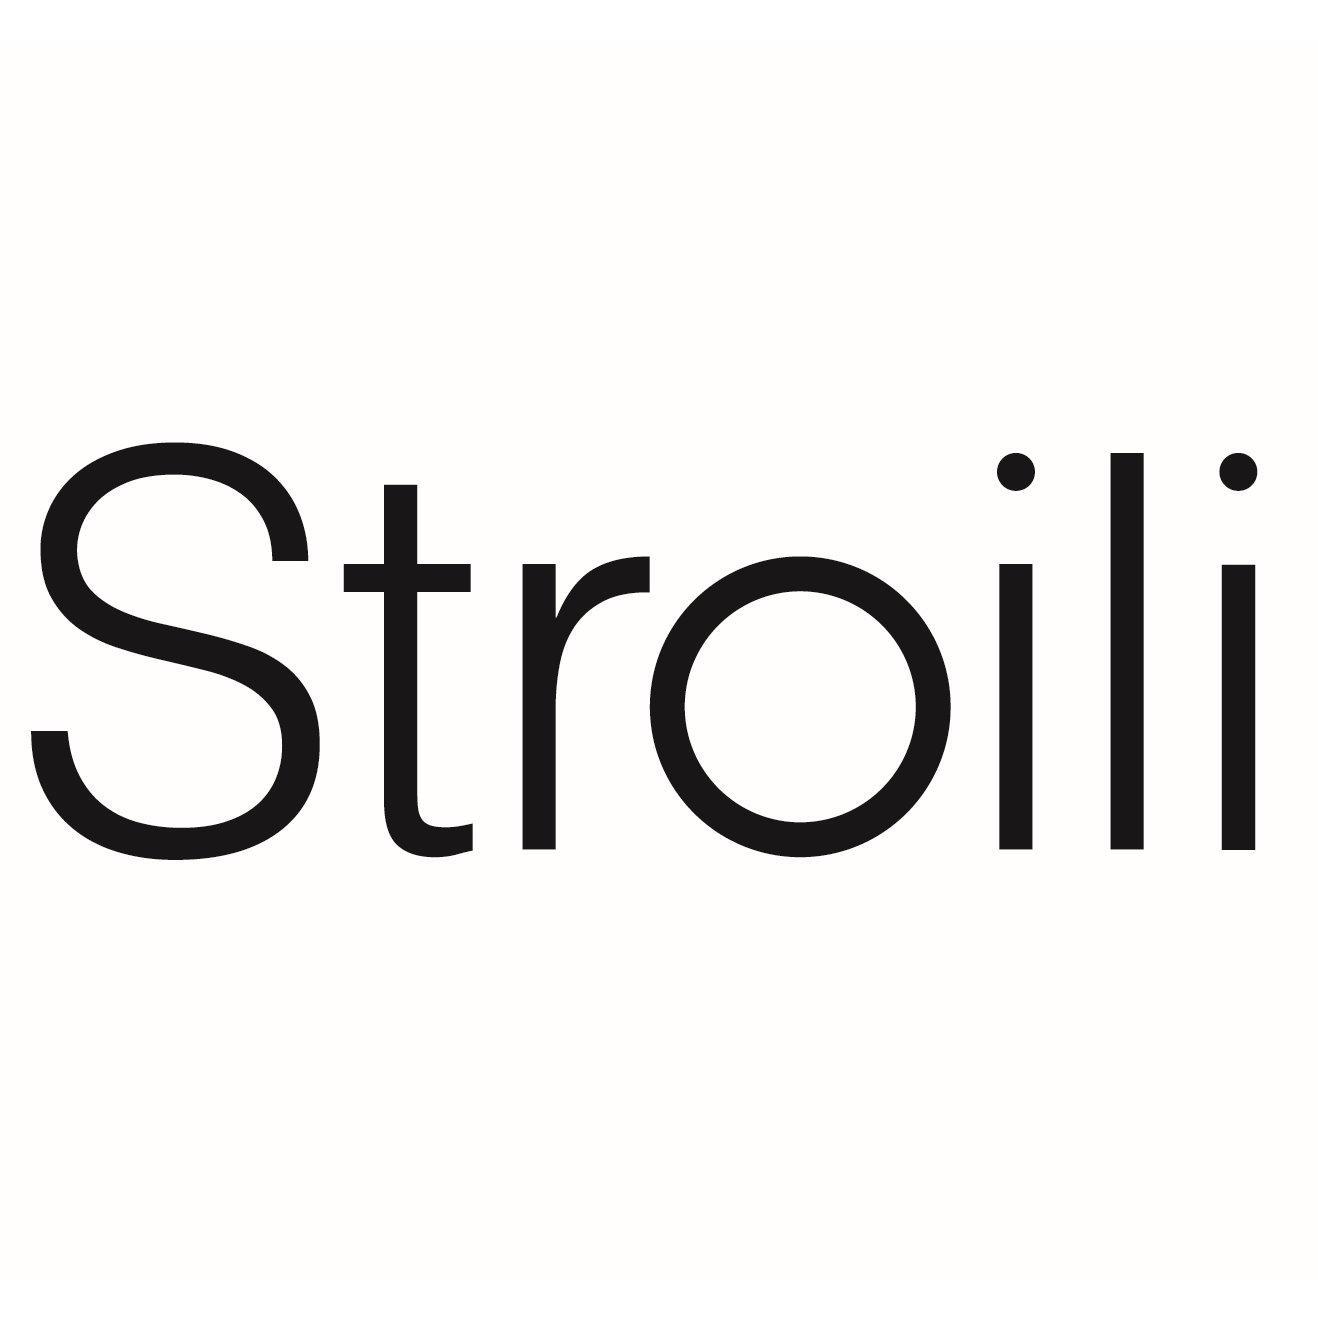 Gioielleria Stroili